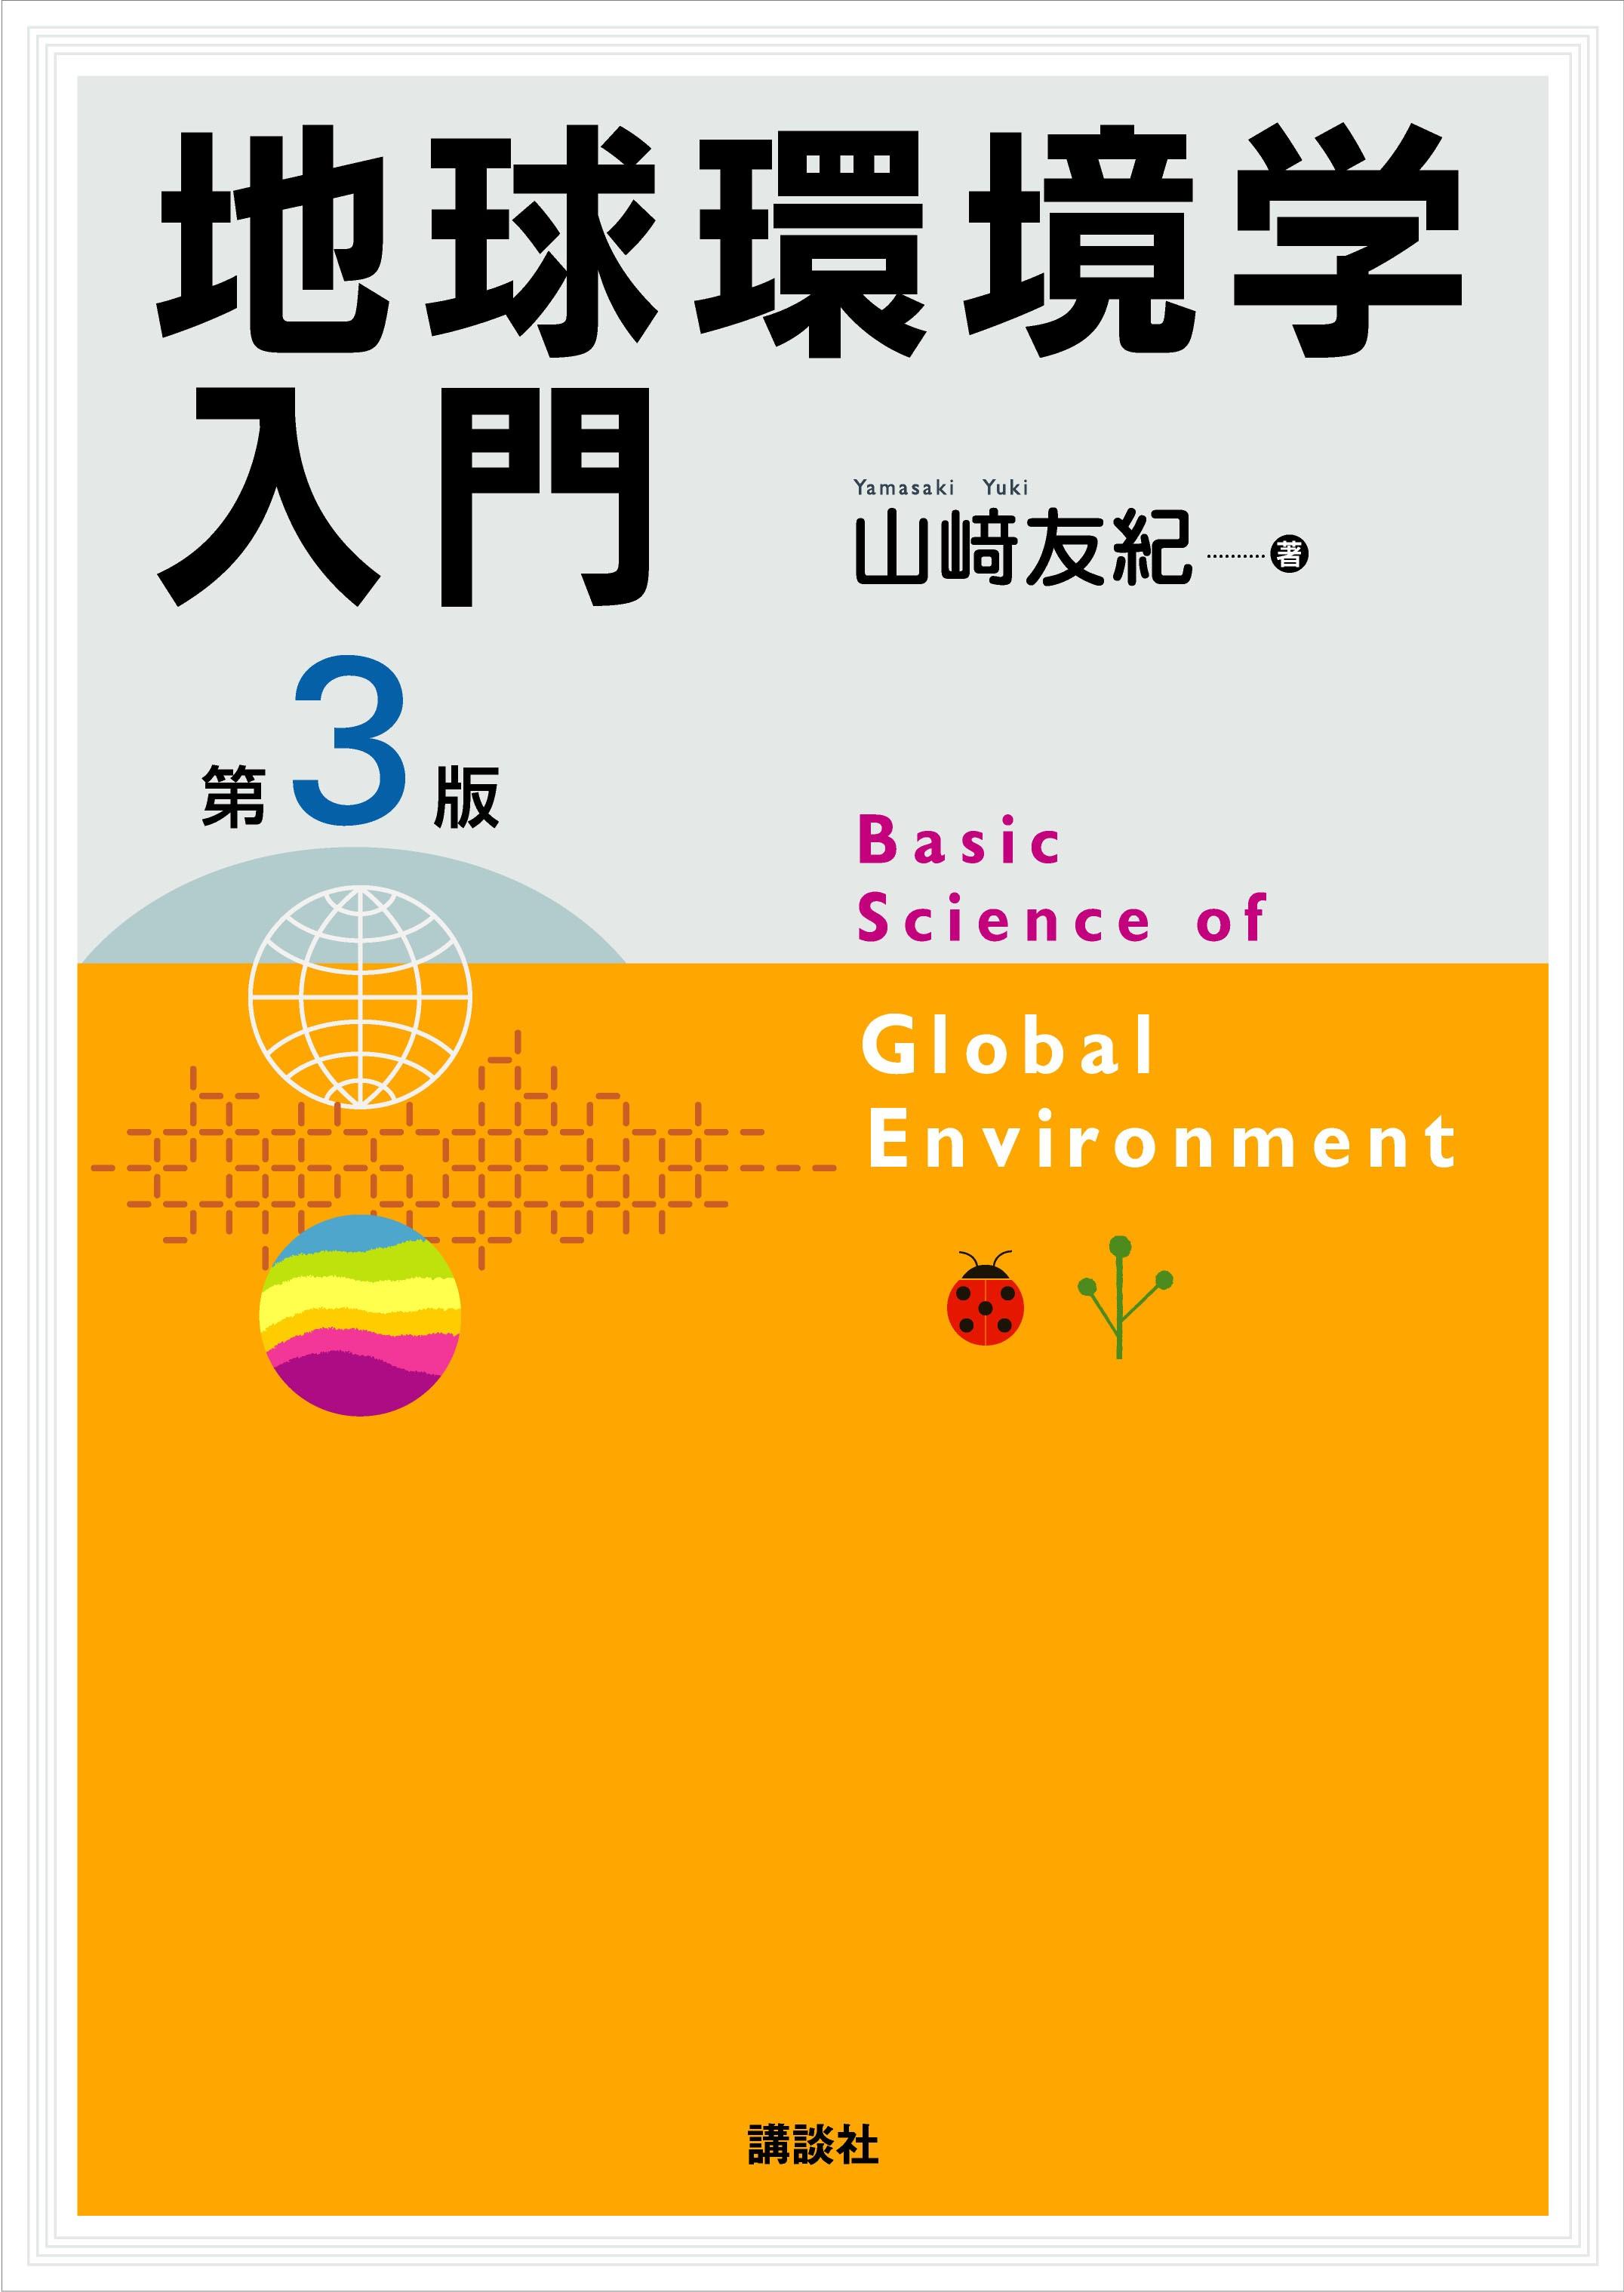 地球環境学入門第3版_表1